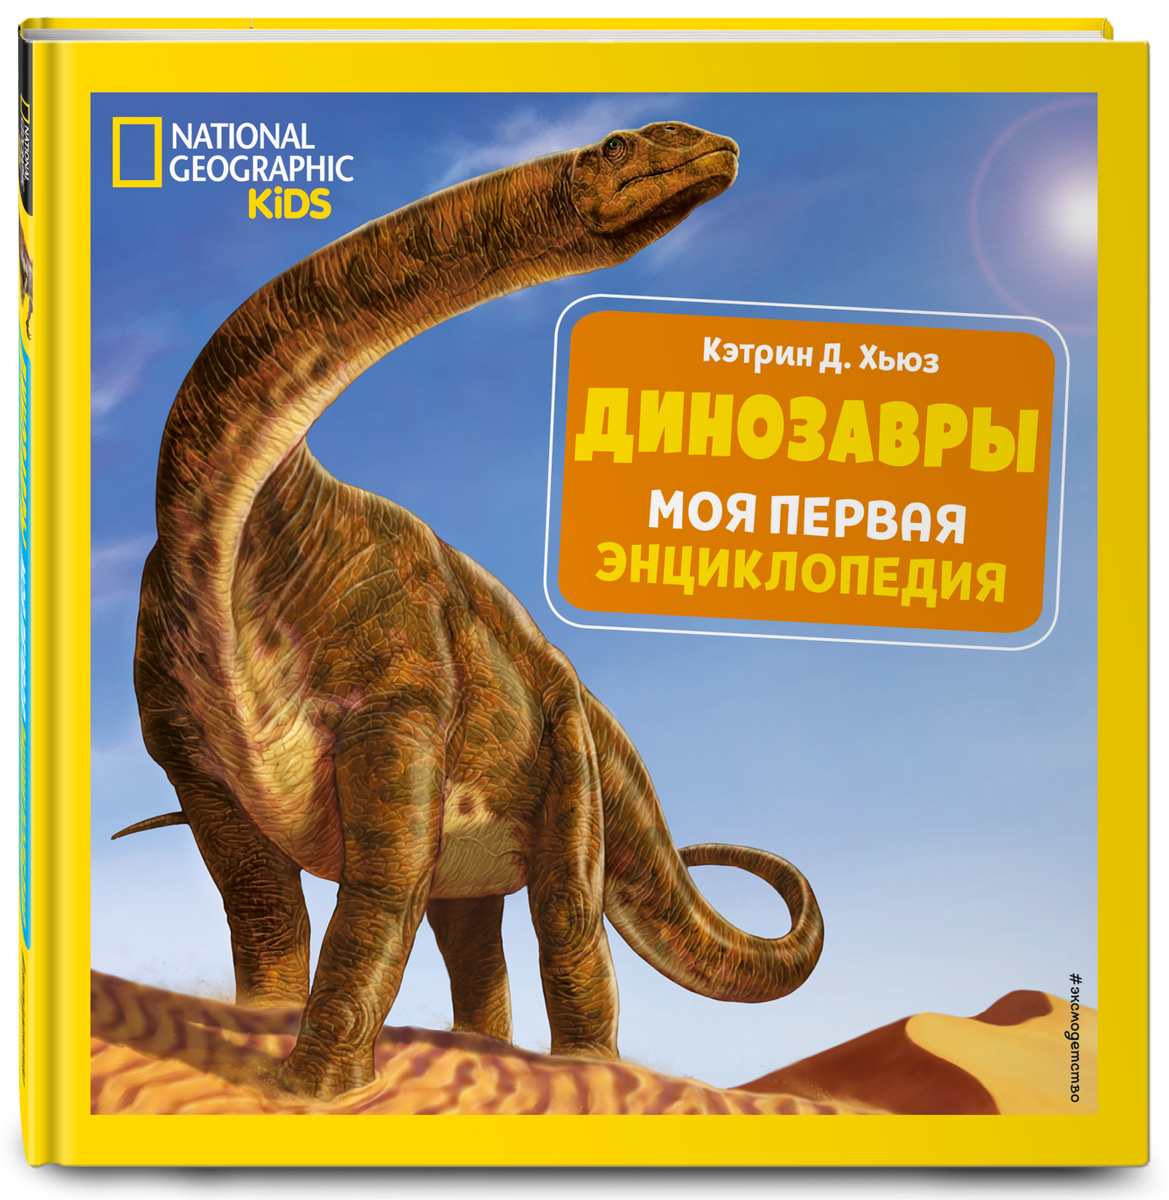 Динозавры. Моя первая энциклопедия   Хьюз Кэтрин Д. #1